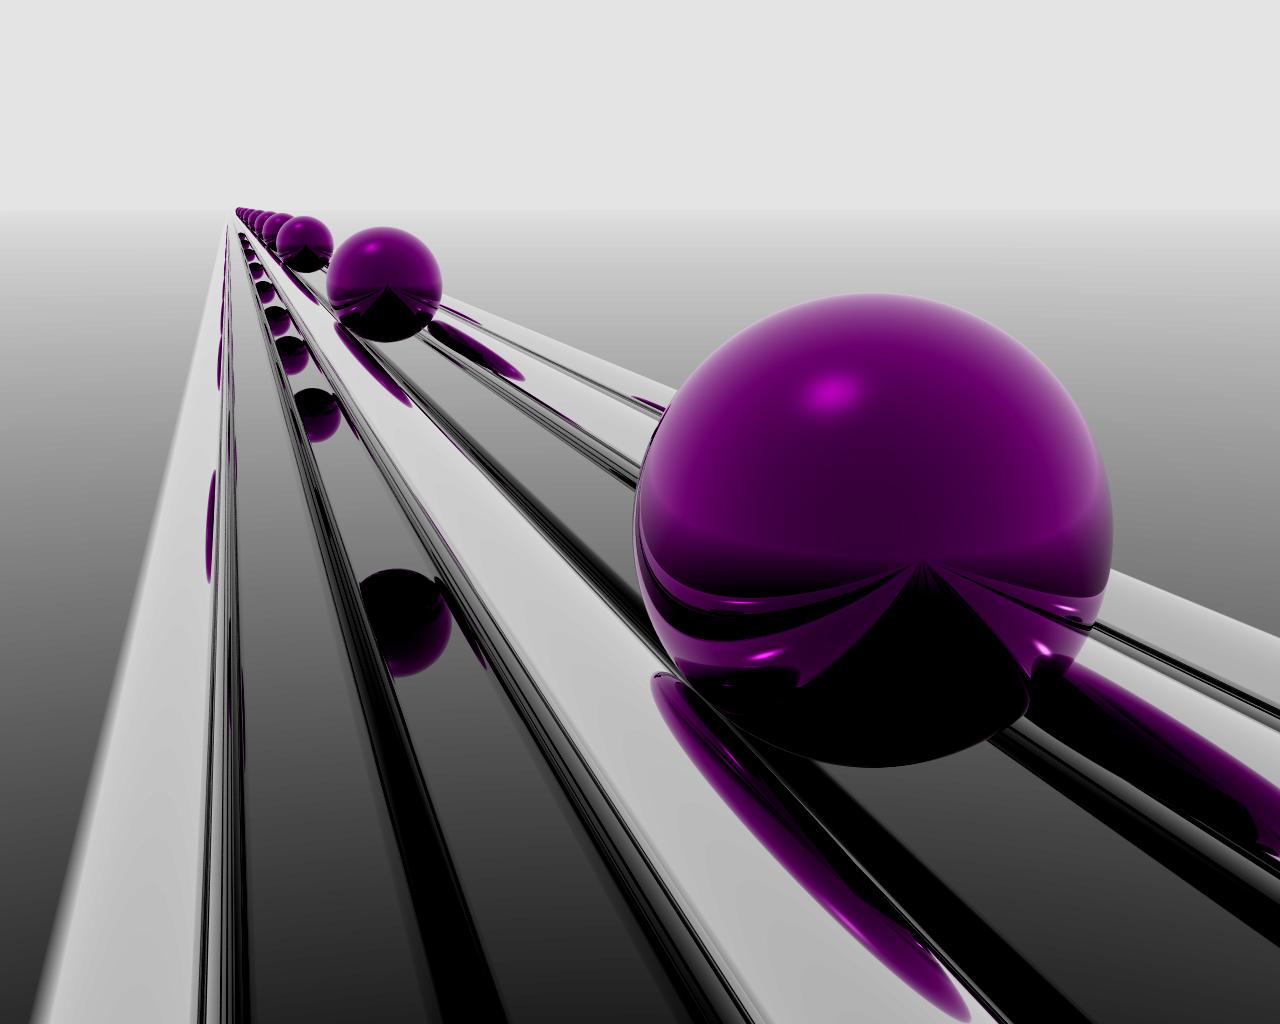 http://4.bp.blogspot.com/-u_Kvq7nDbFo/TzcAKWW7Q0I/AAAAAAAAFRY/3Mvn7Rfo1MA/s1600/purple%2Bwallpaper%2B19.jpg